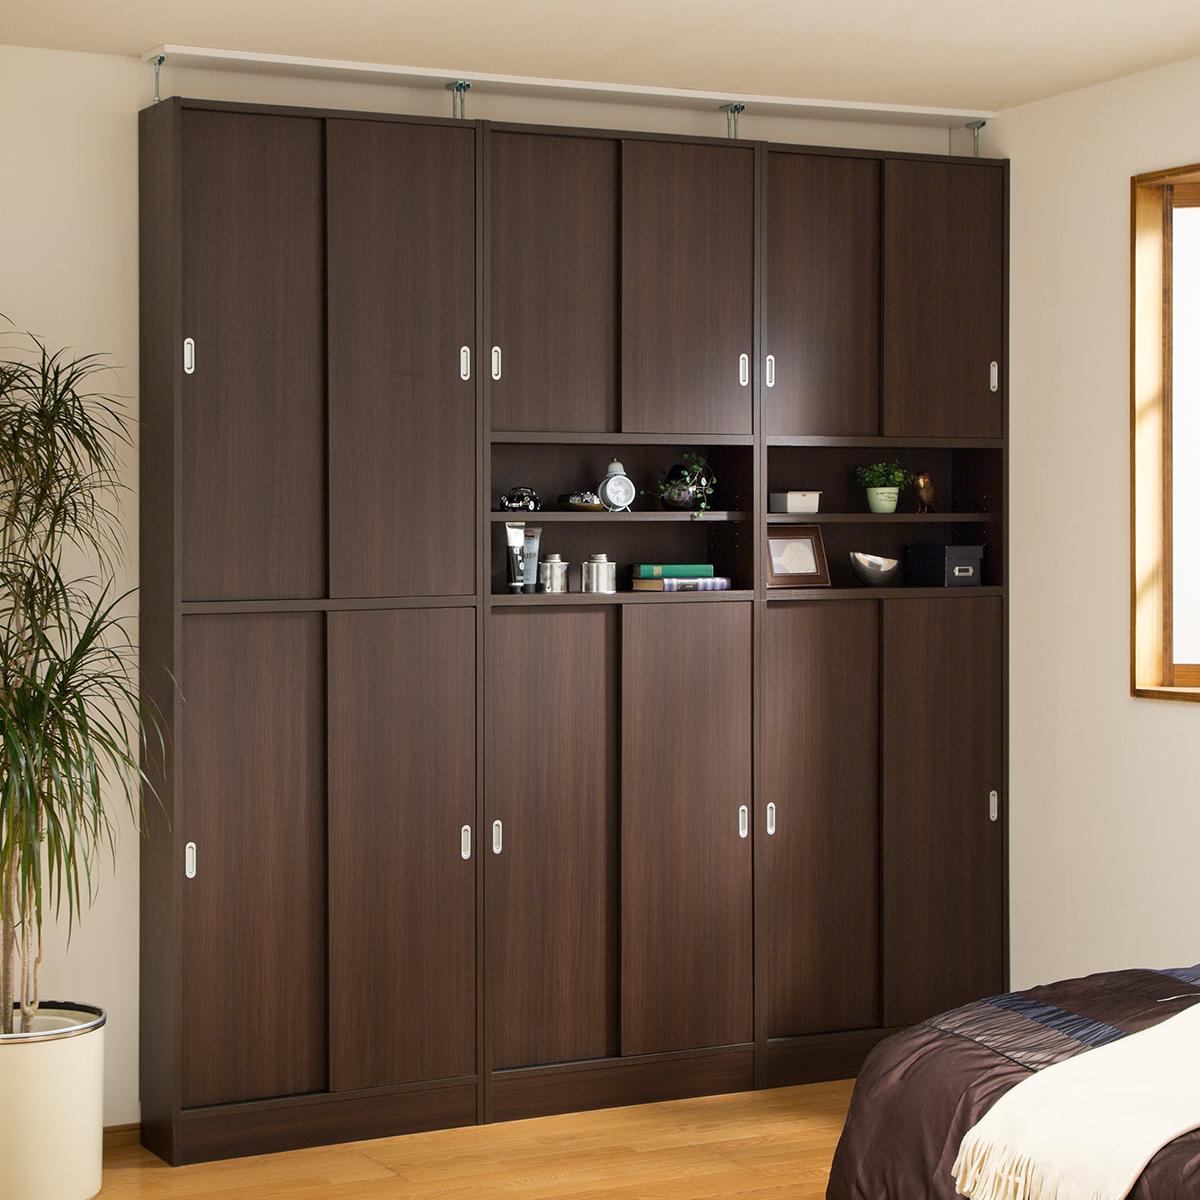 薄型壁面収納 天井突っ張り 本棚 飾り棚 引き戸 ピットフィット ptf